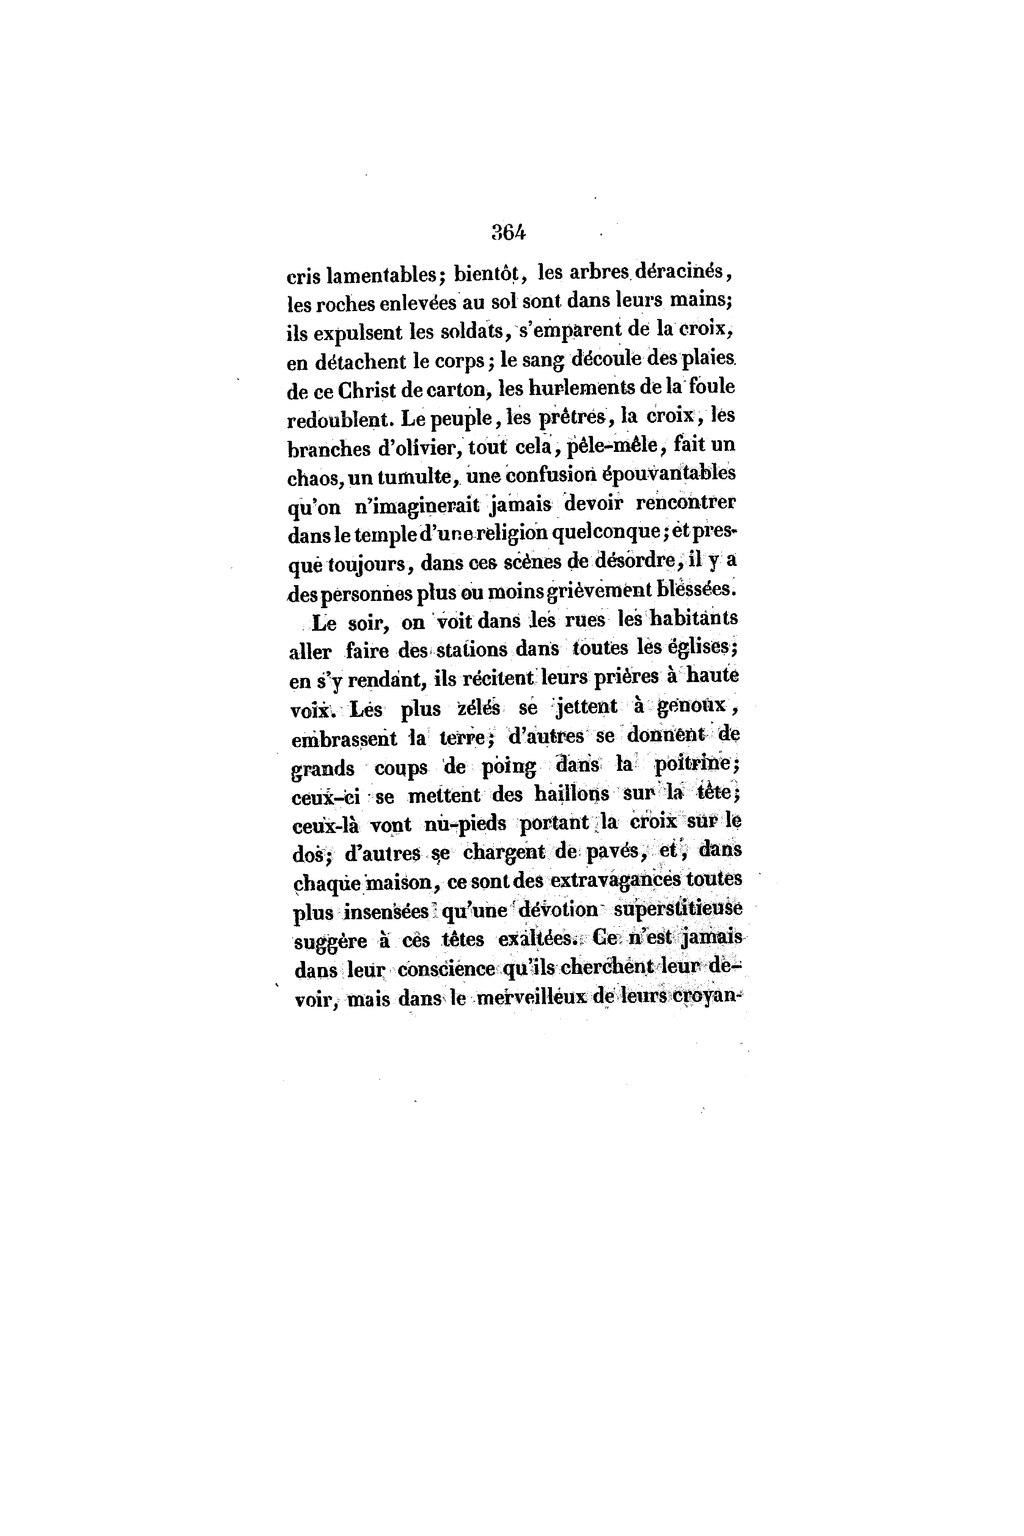 Page flora tristan peregrinations d une paria 1838 wikisource - Coup de poing dans le dos ...